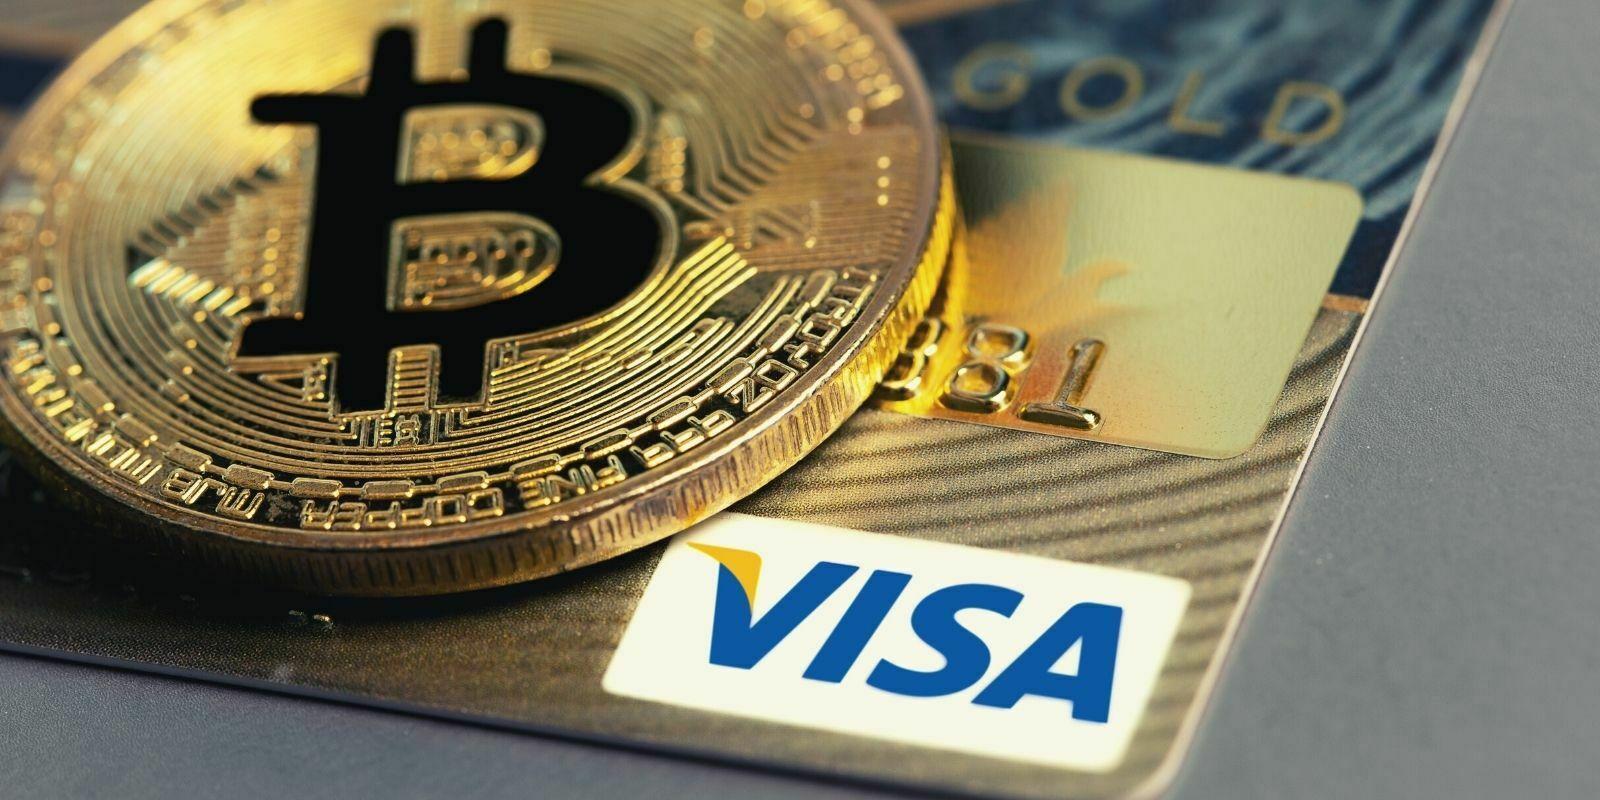 Visa pourrait-il intégrer le Bitcoin (BTC) et d'autres cryptomonnaies à son réseau de paiement ?